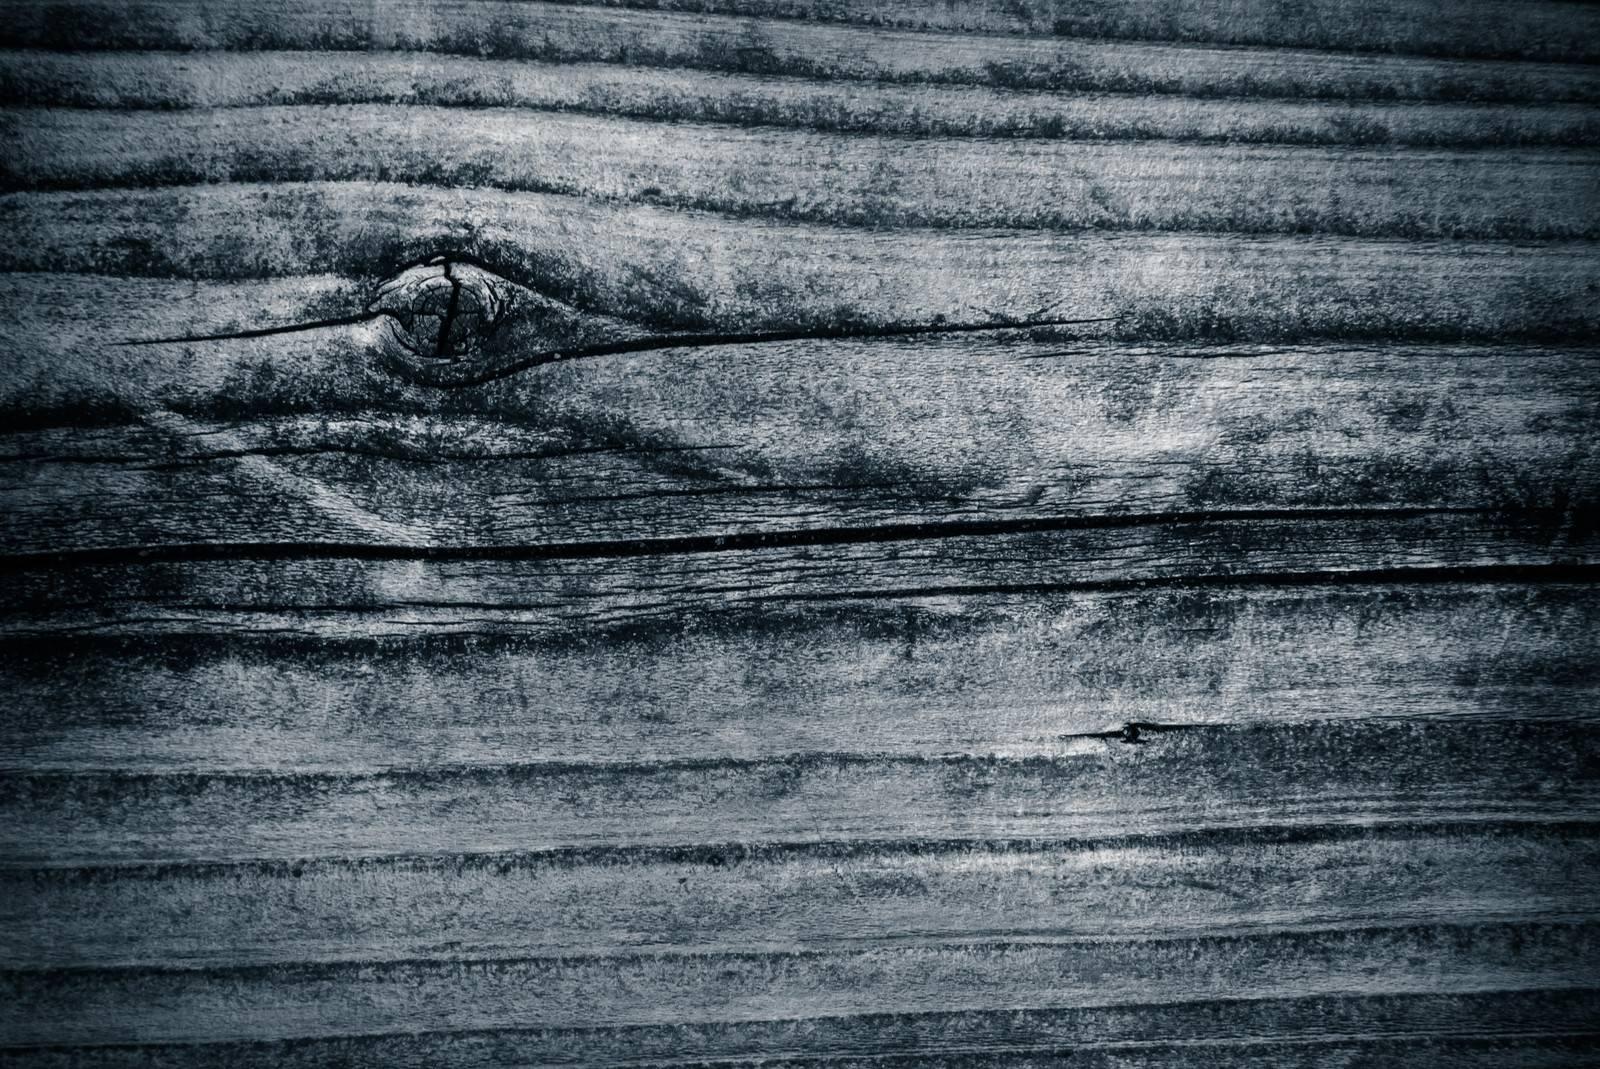 「木目の板のテクスチャー木目の板のテクスチャー」のフリー写真素材を拡大